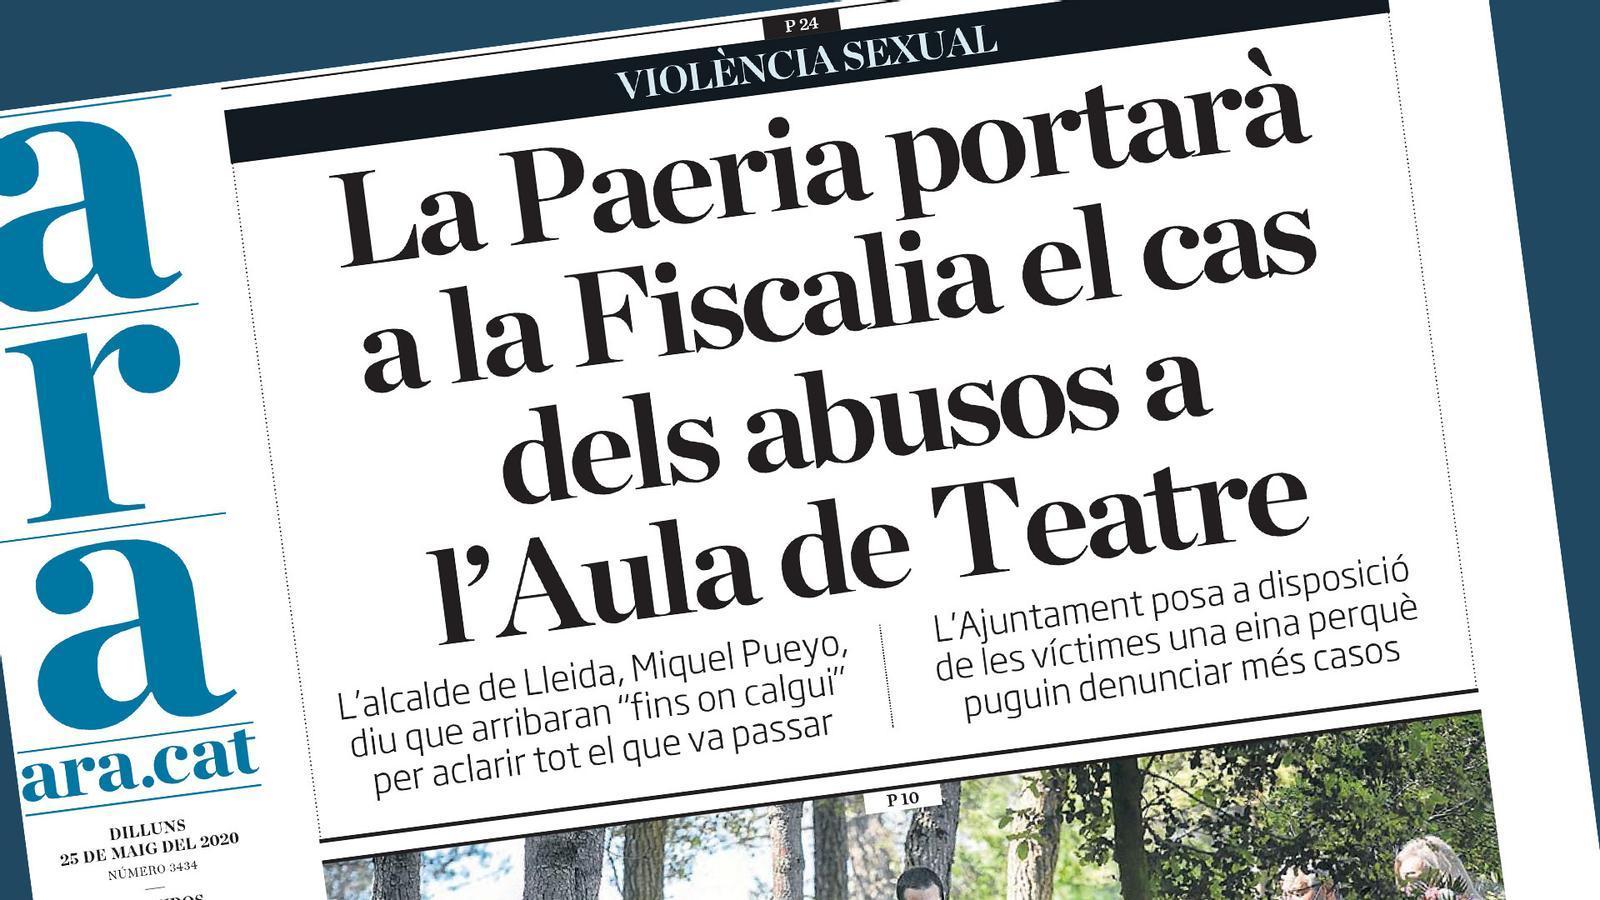 Barcelona obre les terrasses i la Paeria porta a Fiscalia els abusos destapats per l'ARA: les claus del dia, amb Antoni Bassas (25/05/2020)